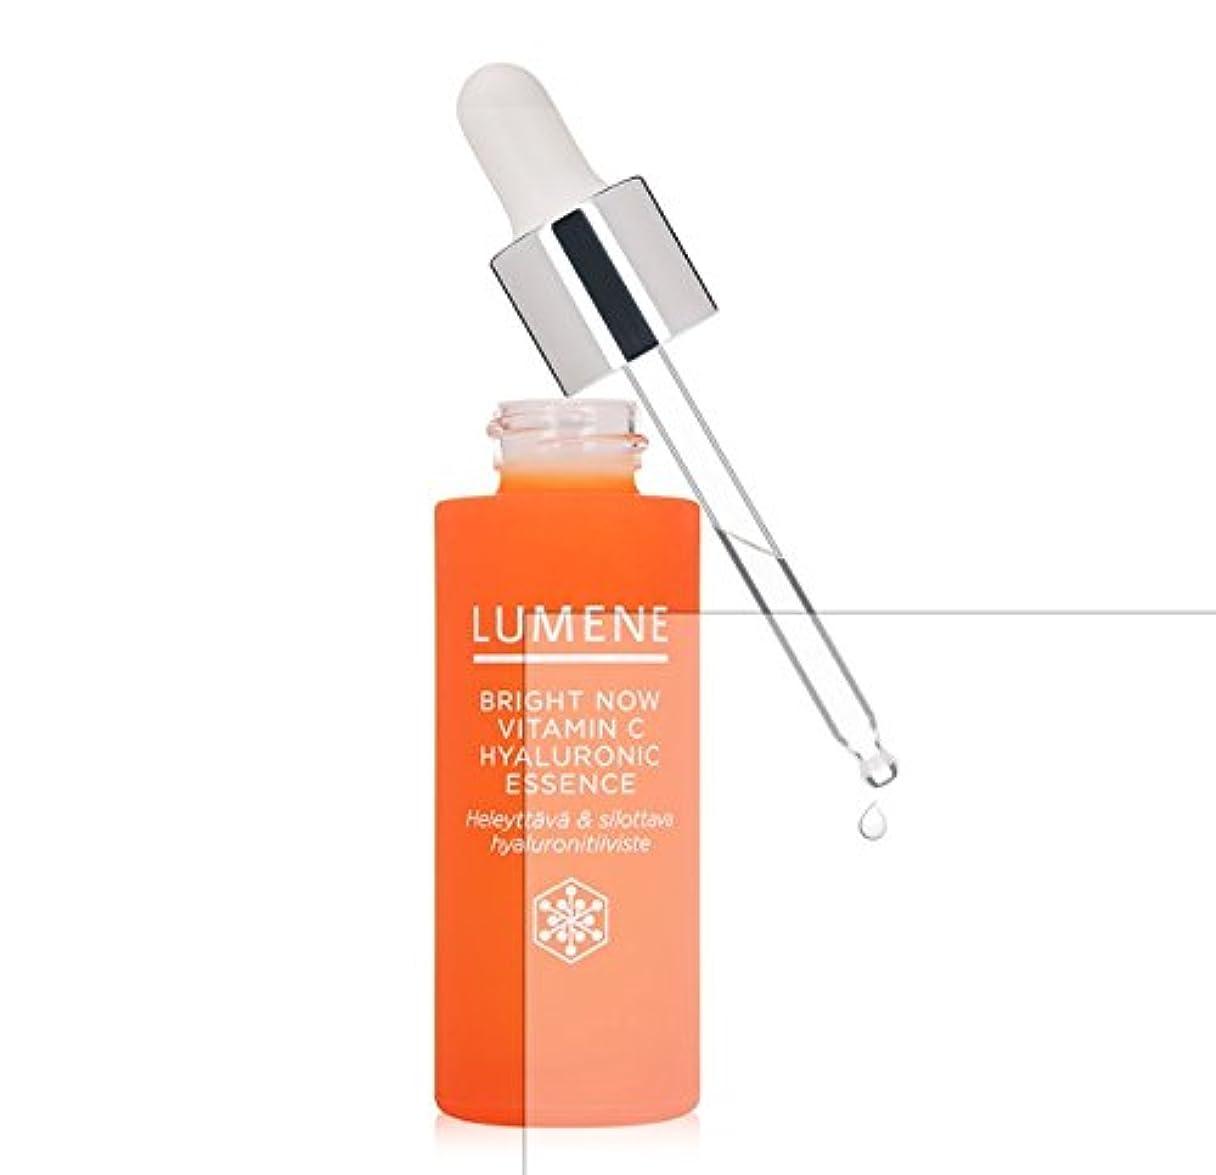 入り口感度甘いLumene Bright Now Vitamin C Hyaluronic Essence (1 fl oz.) 美容液 [並行輸入品]